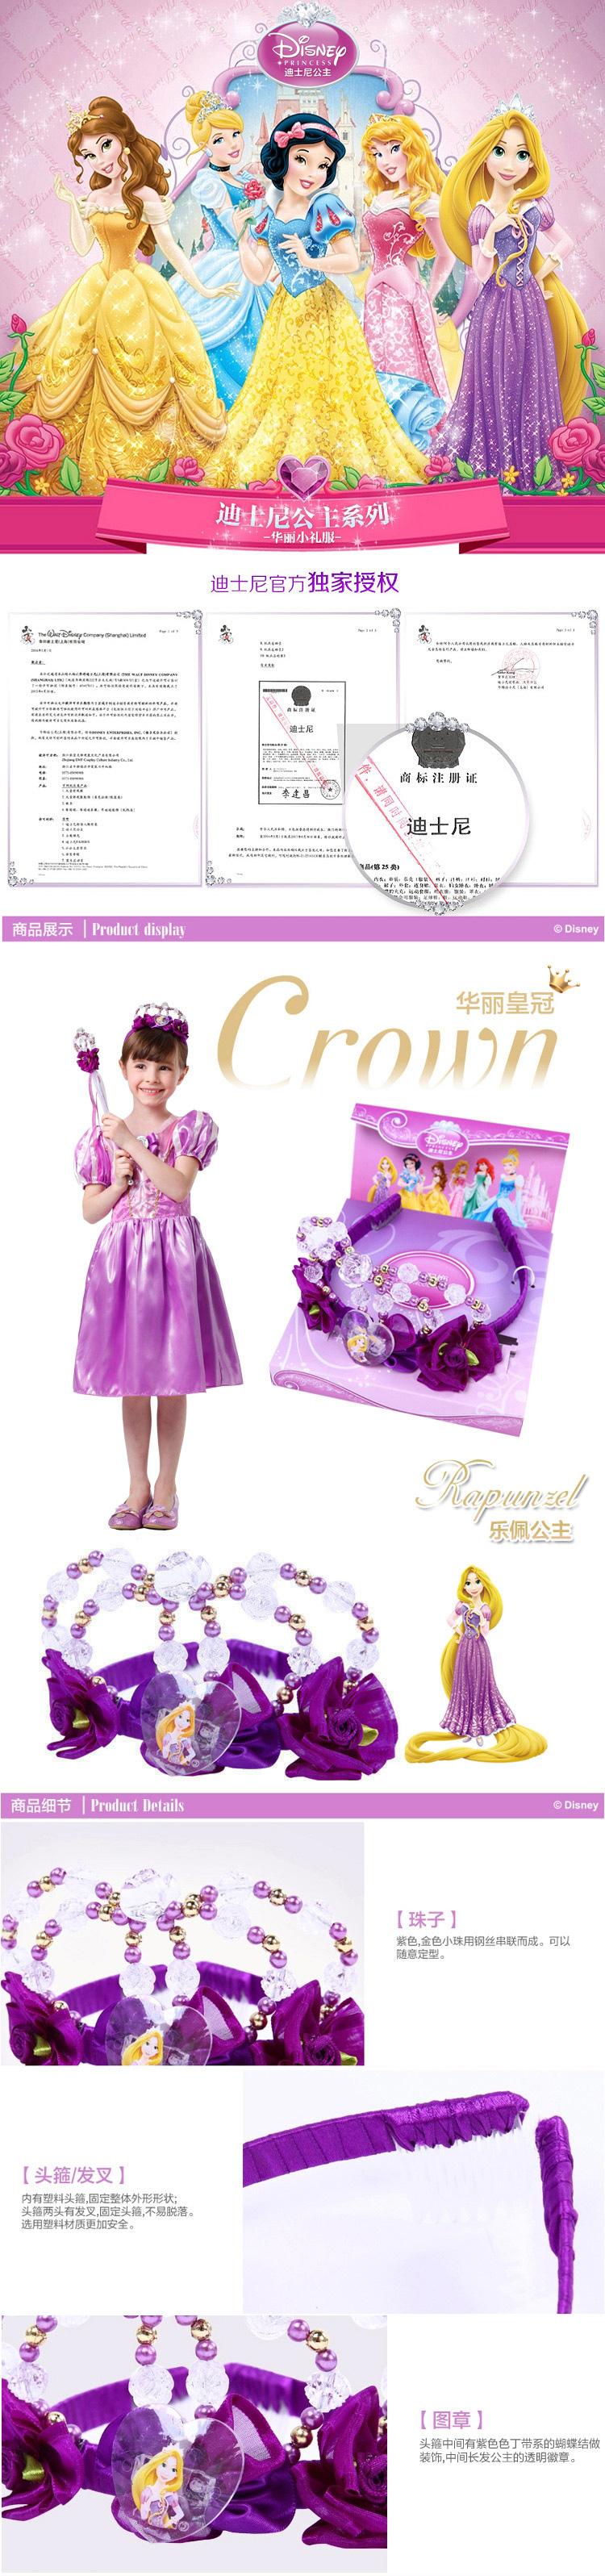 迪士尼公主系列之华丽礼服裙专场乐佩公主皇冠2642-3